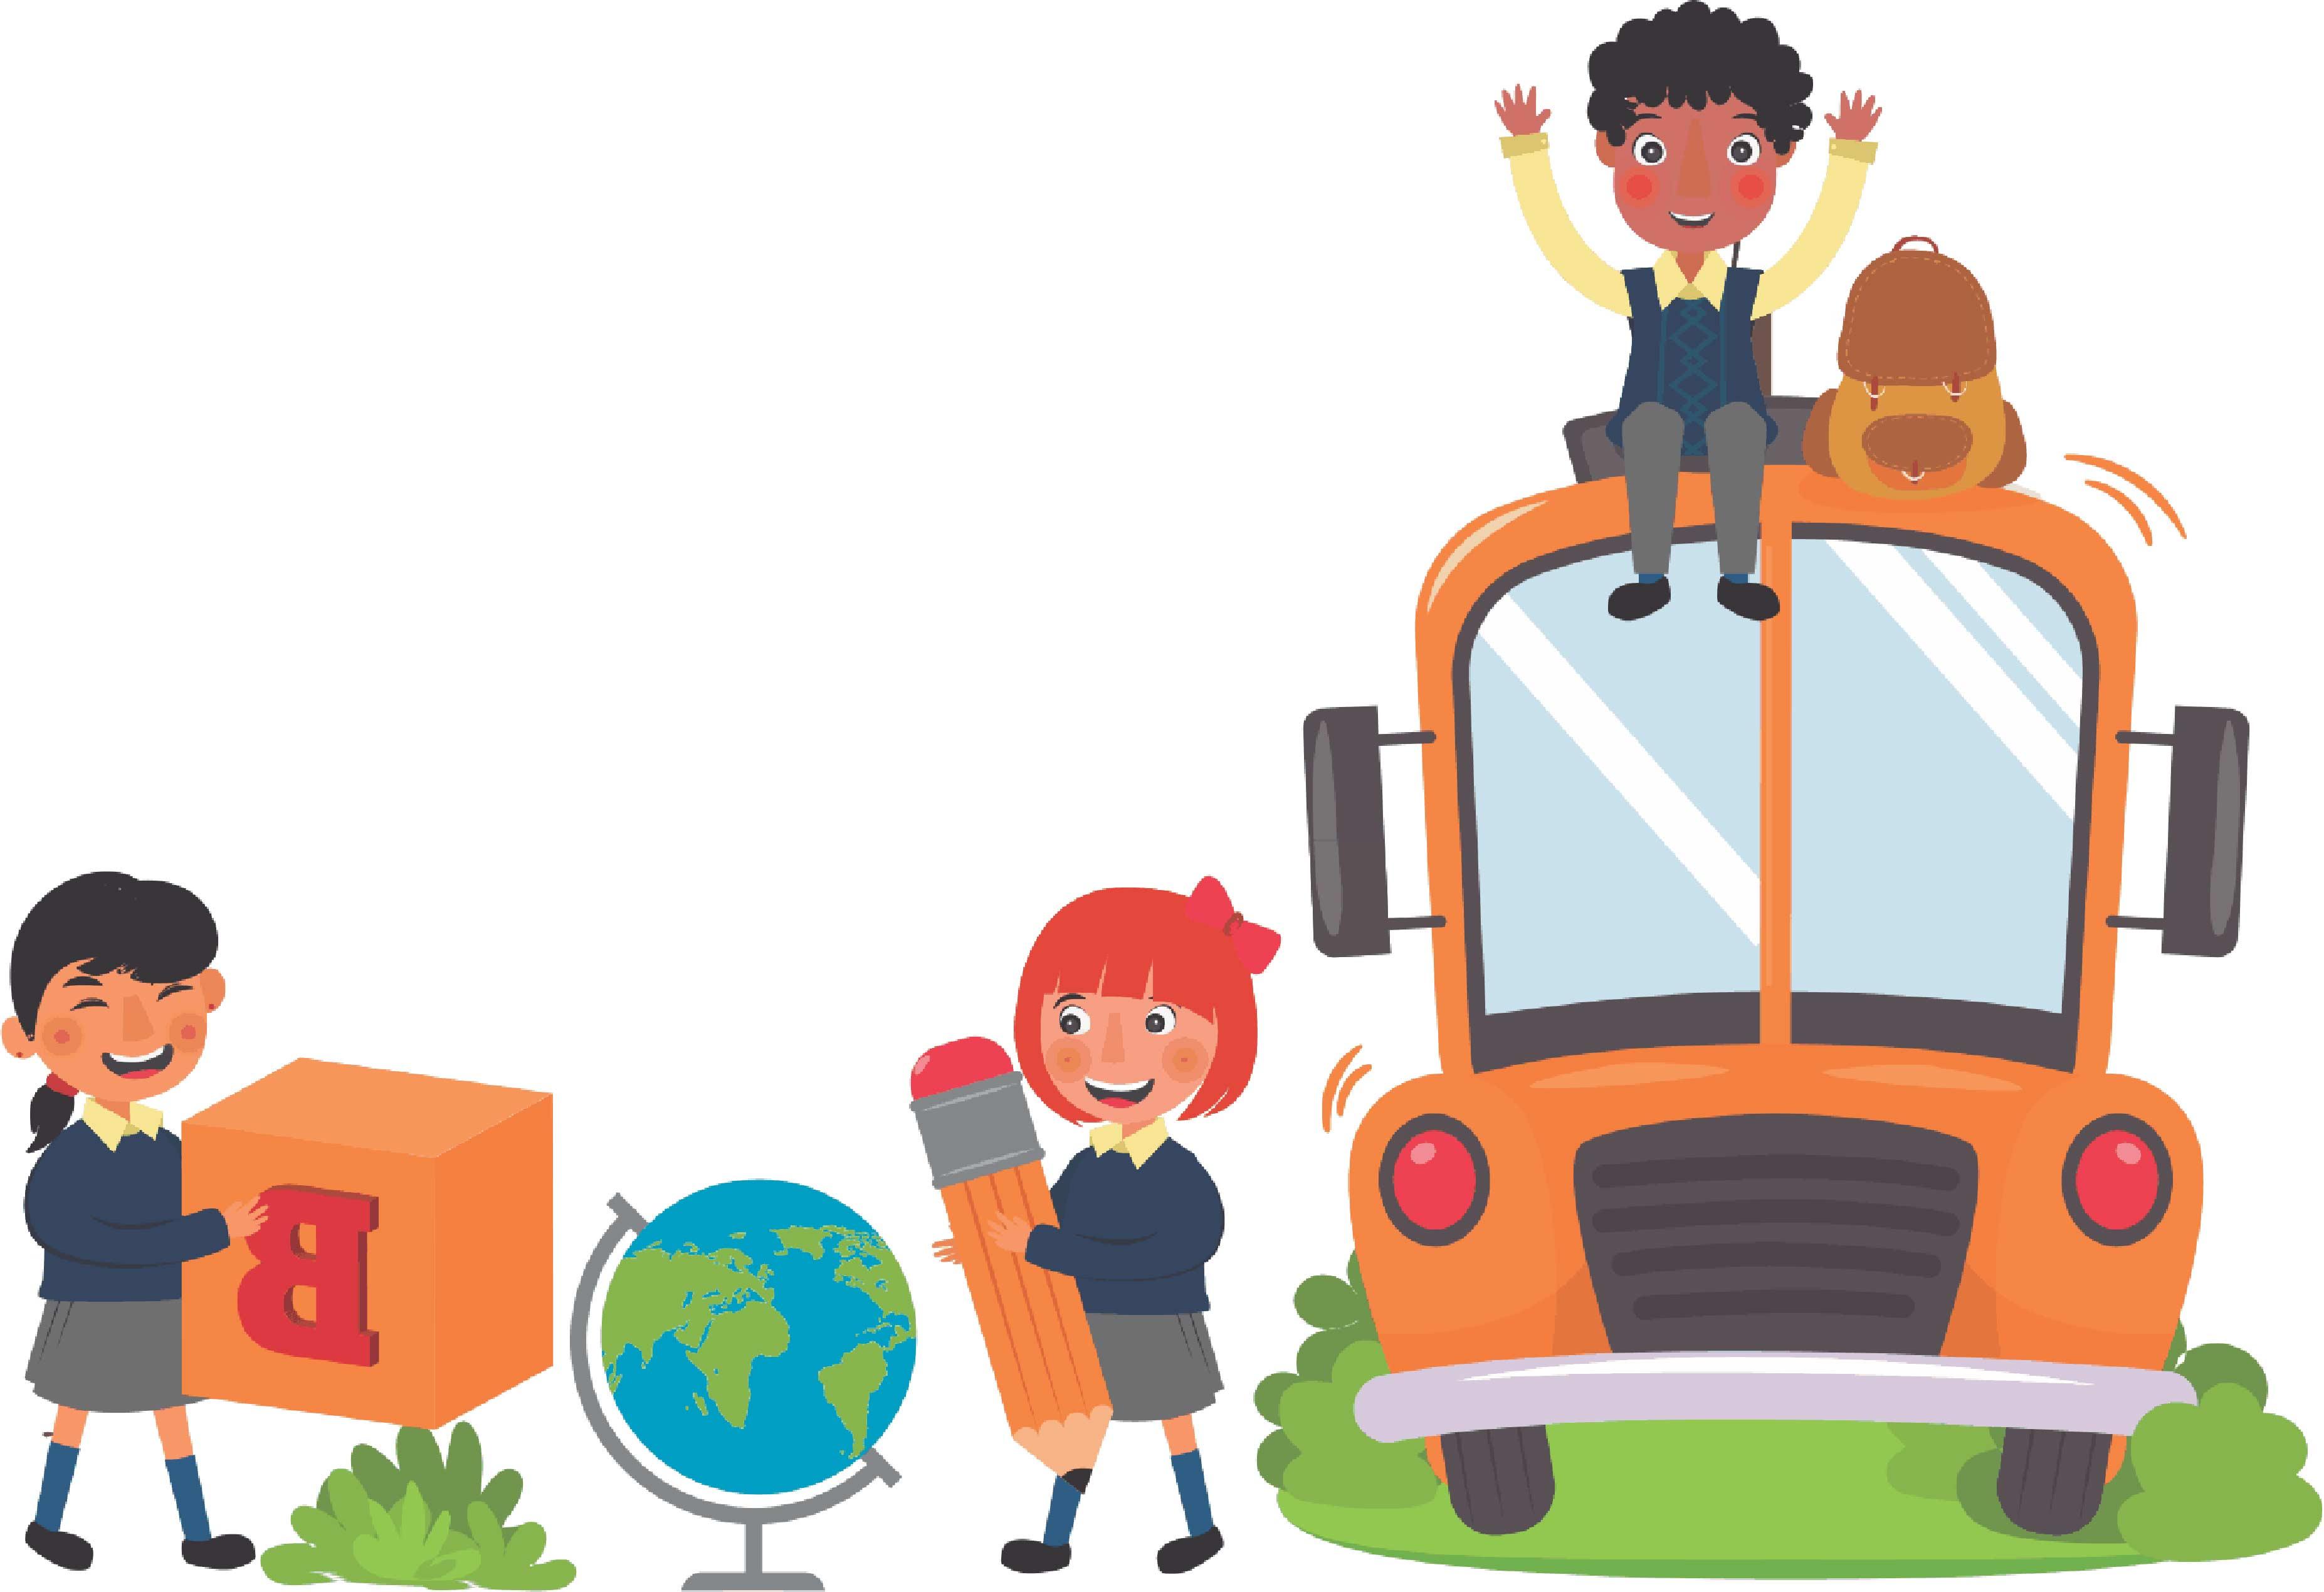 Passeando pela cidade as crianças aprendem a ler o mundo e as palavras.